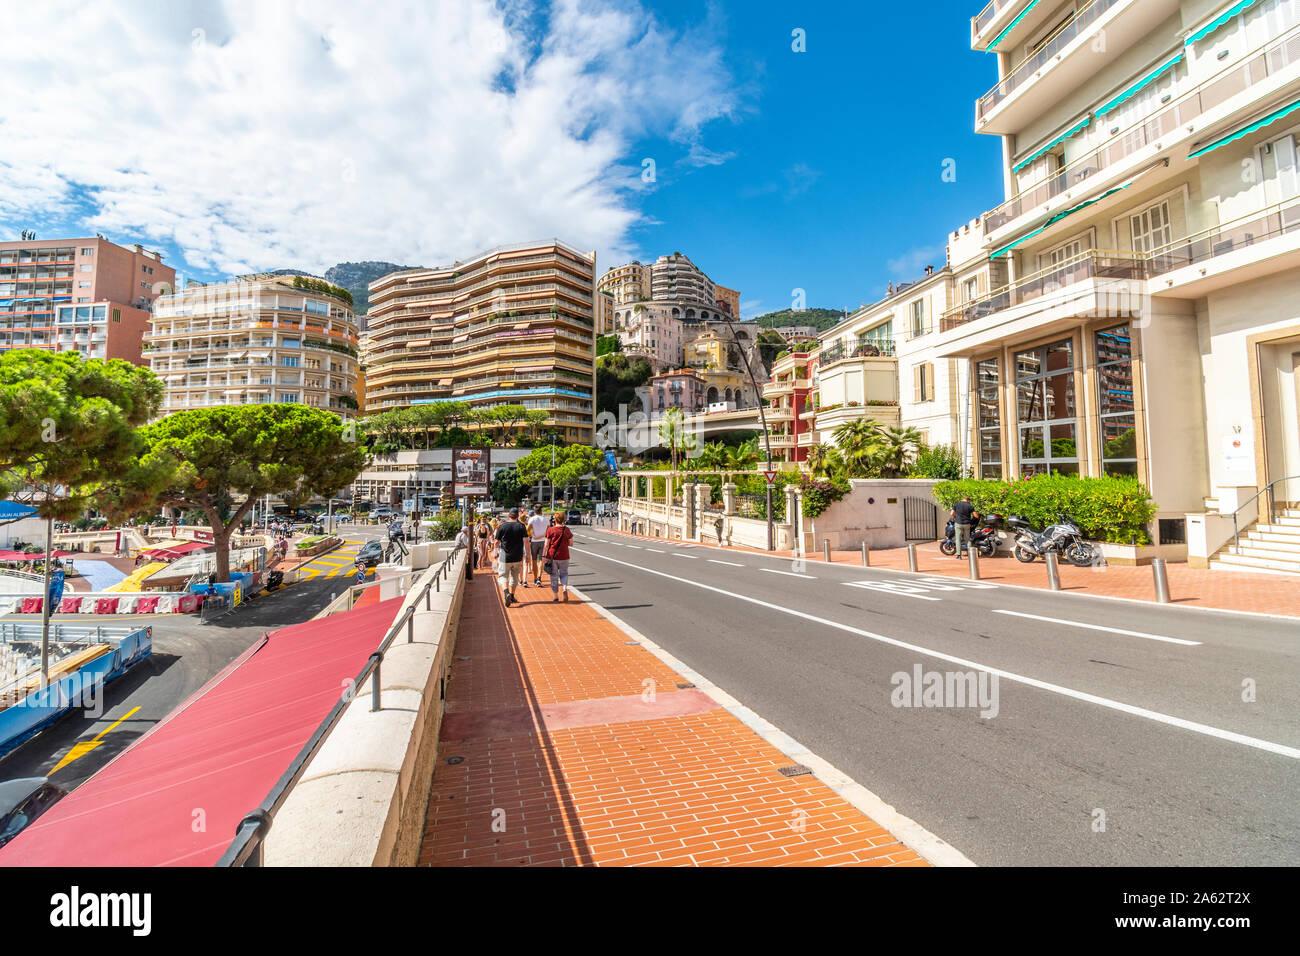 Pedestrians walk the Grand Prix street circuit near St Devote in Monte Carlo, Monaco. Stock Photo